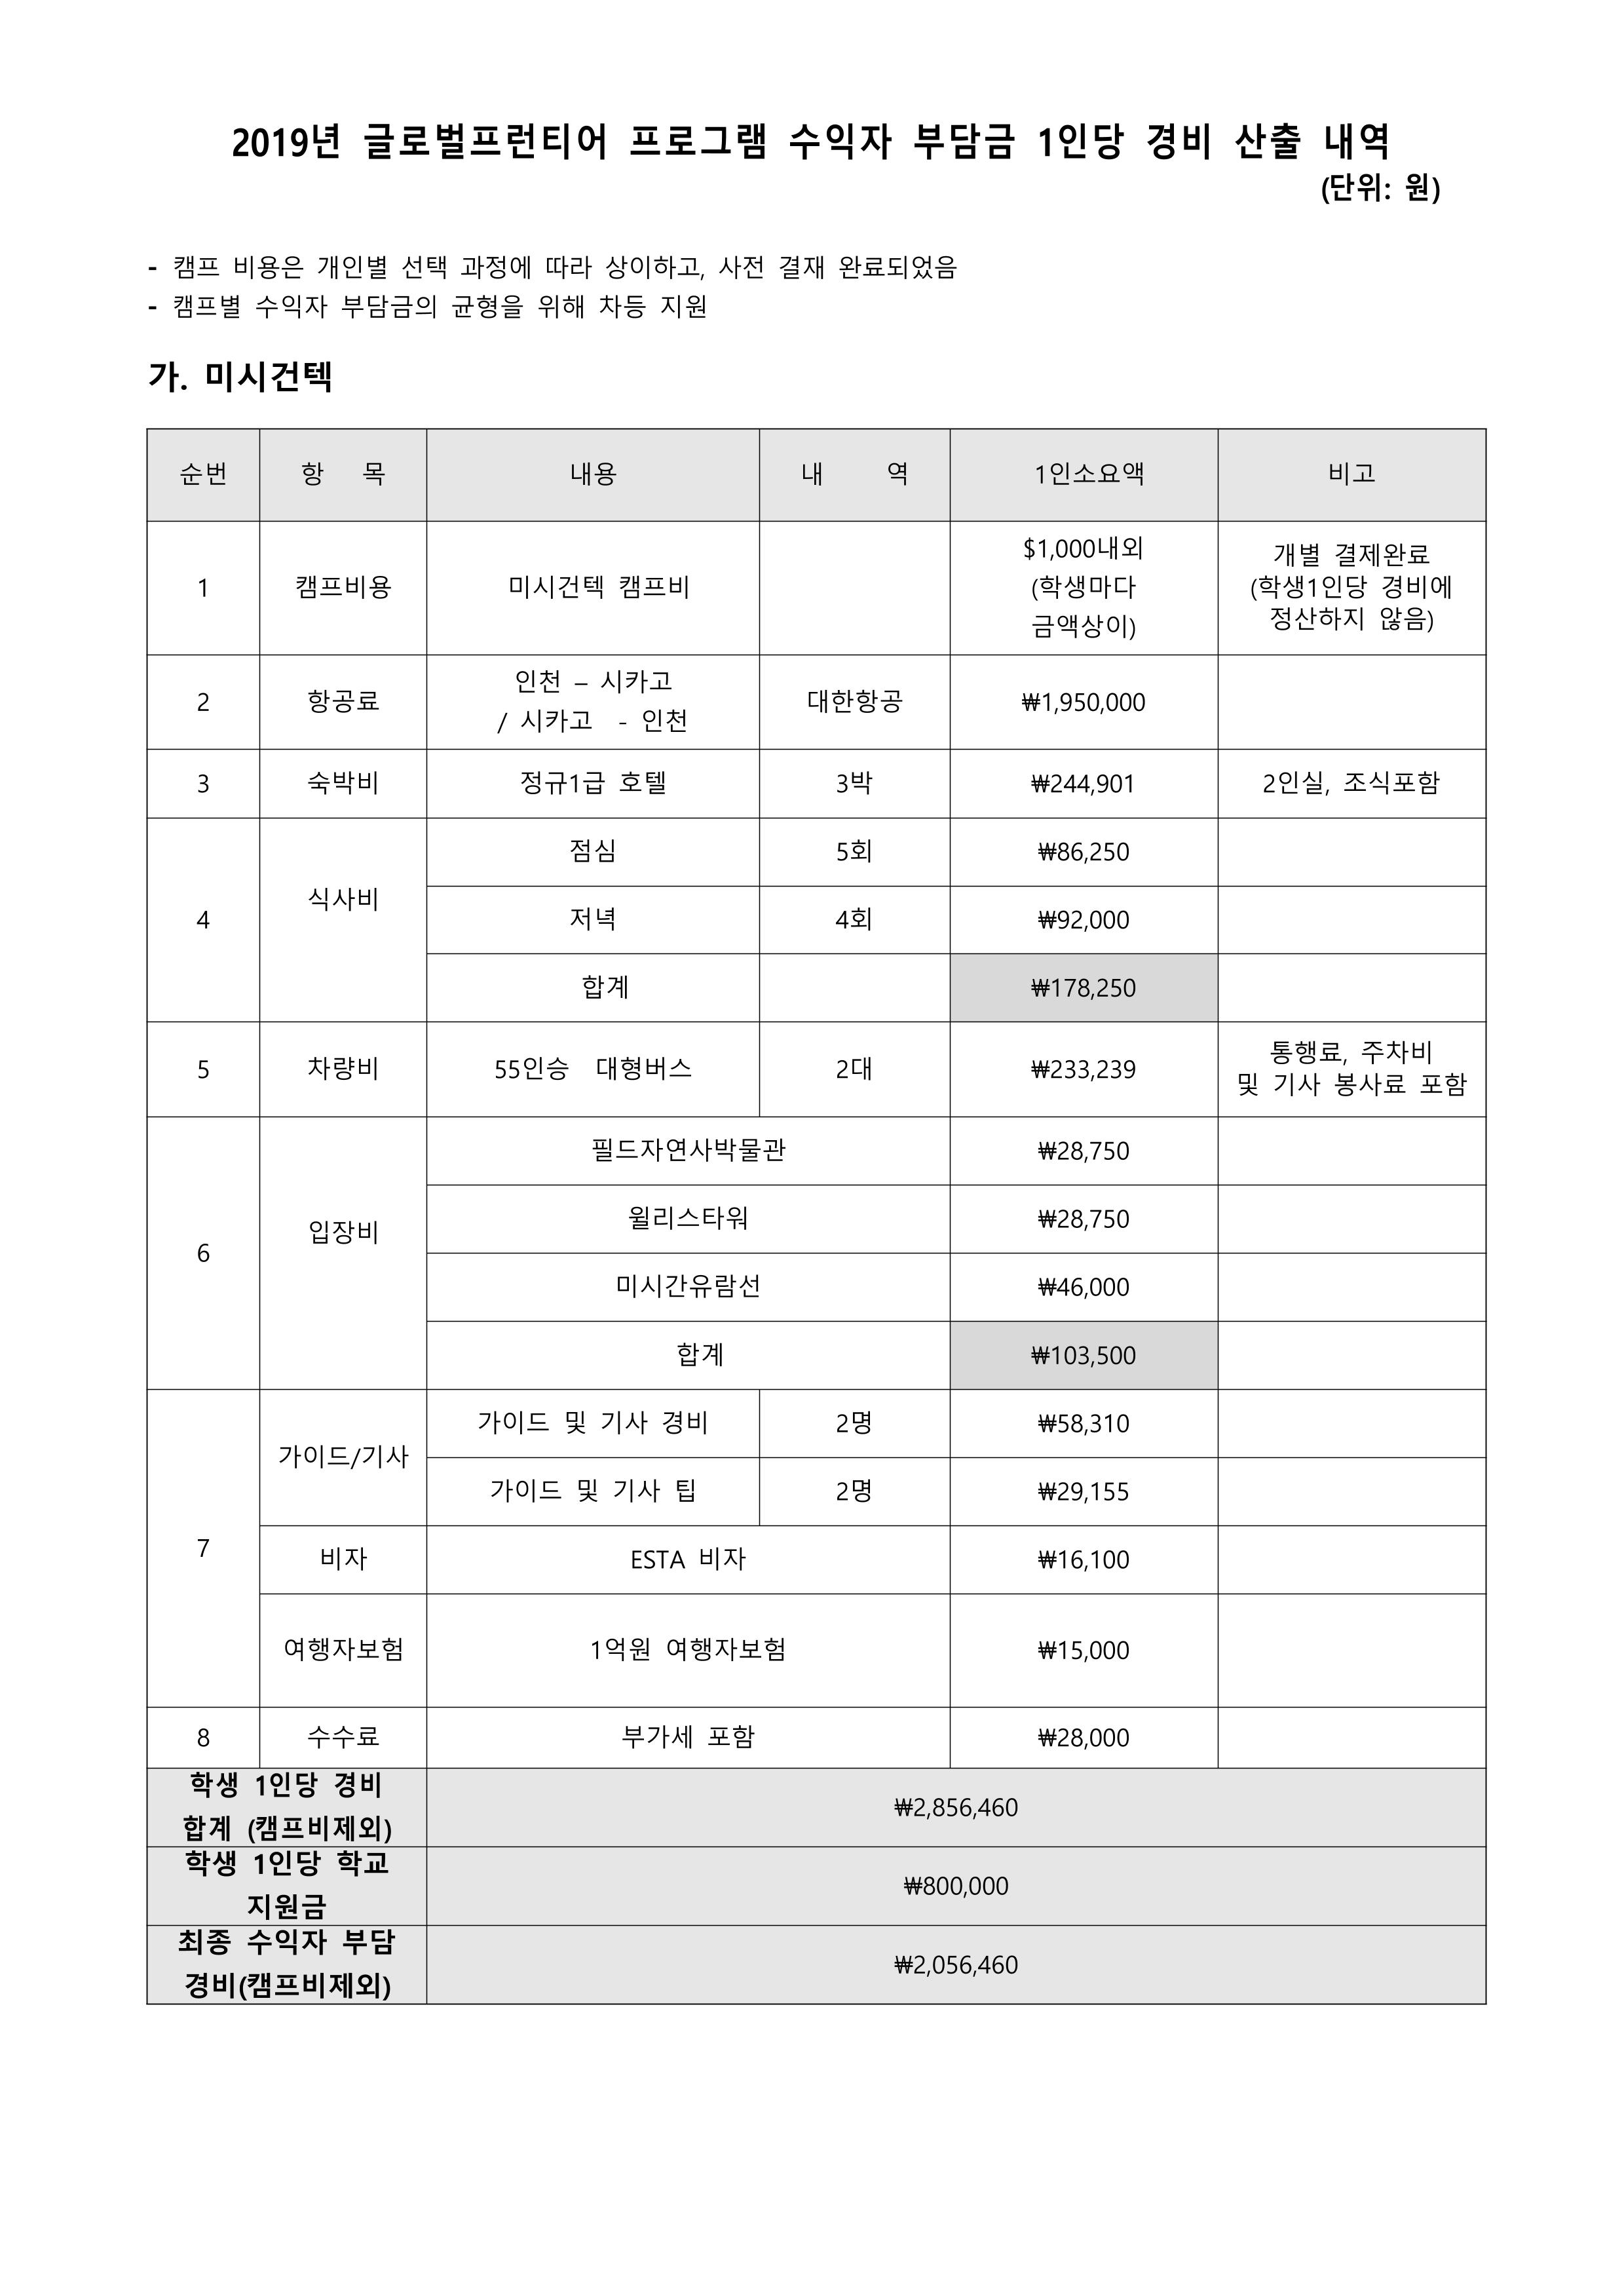 2019년 글로벌프런티어 프로그램 수익자 부담 경비 납부 안내. 3Page.